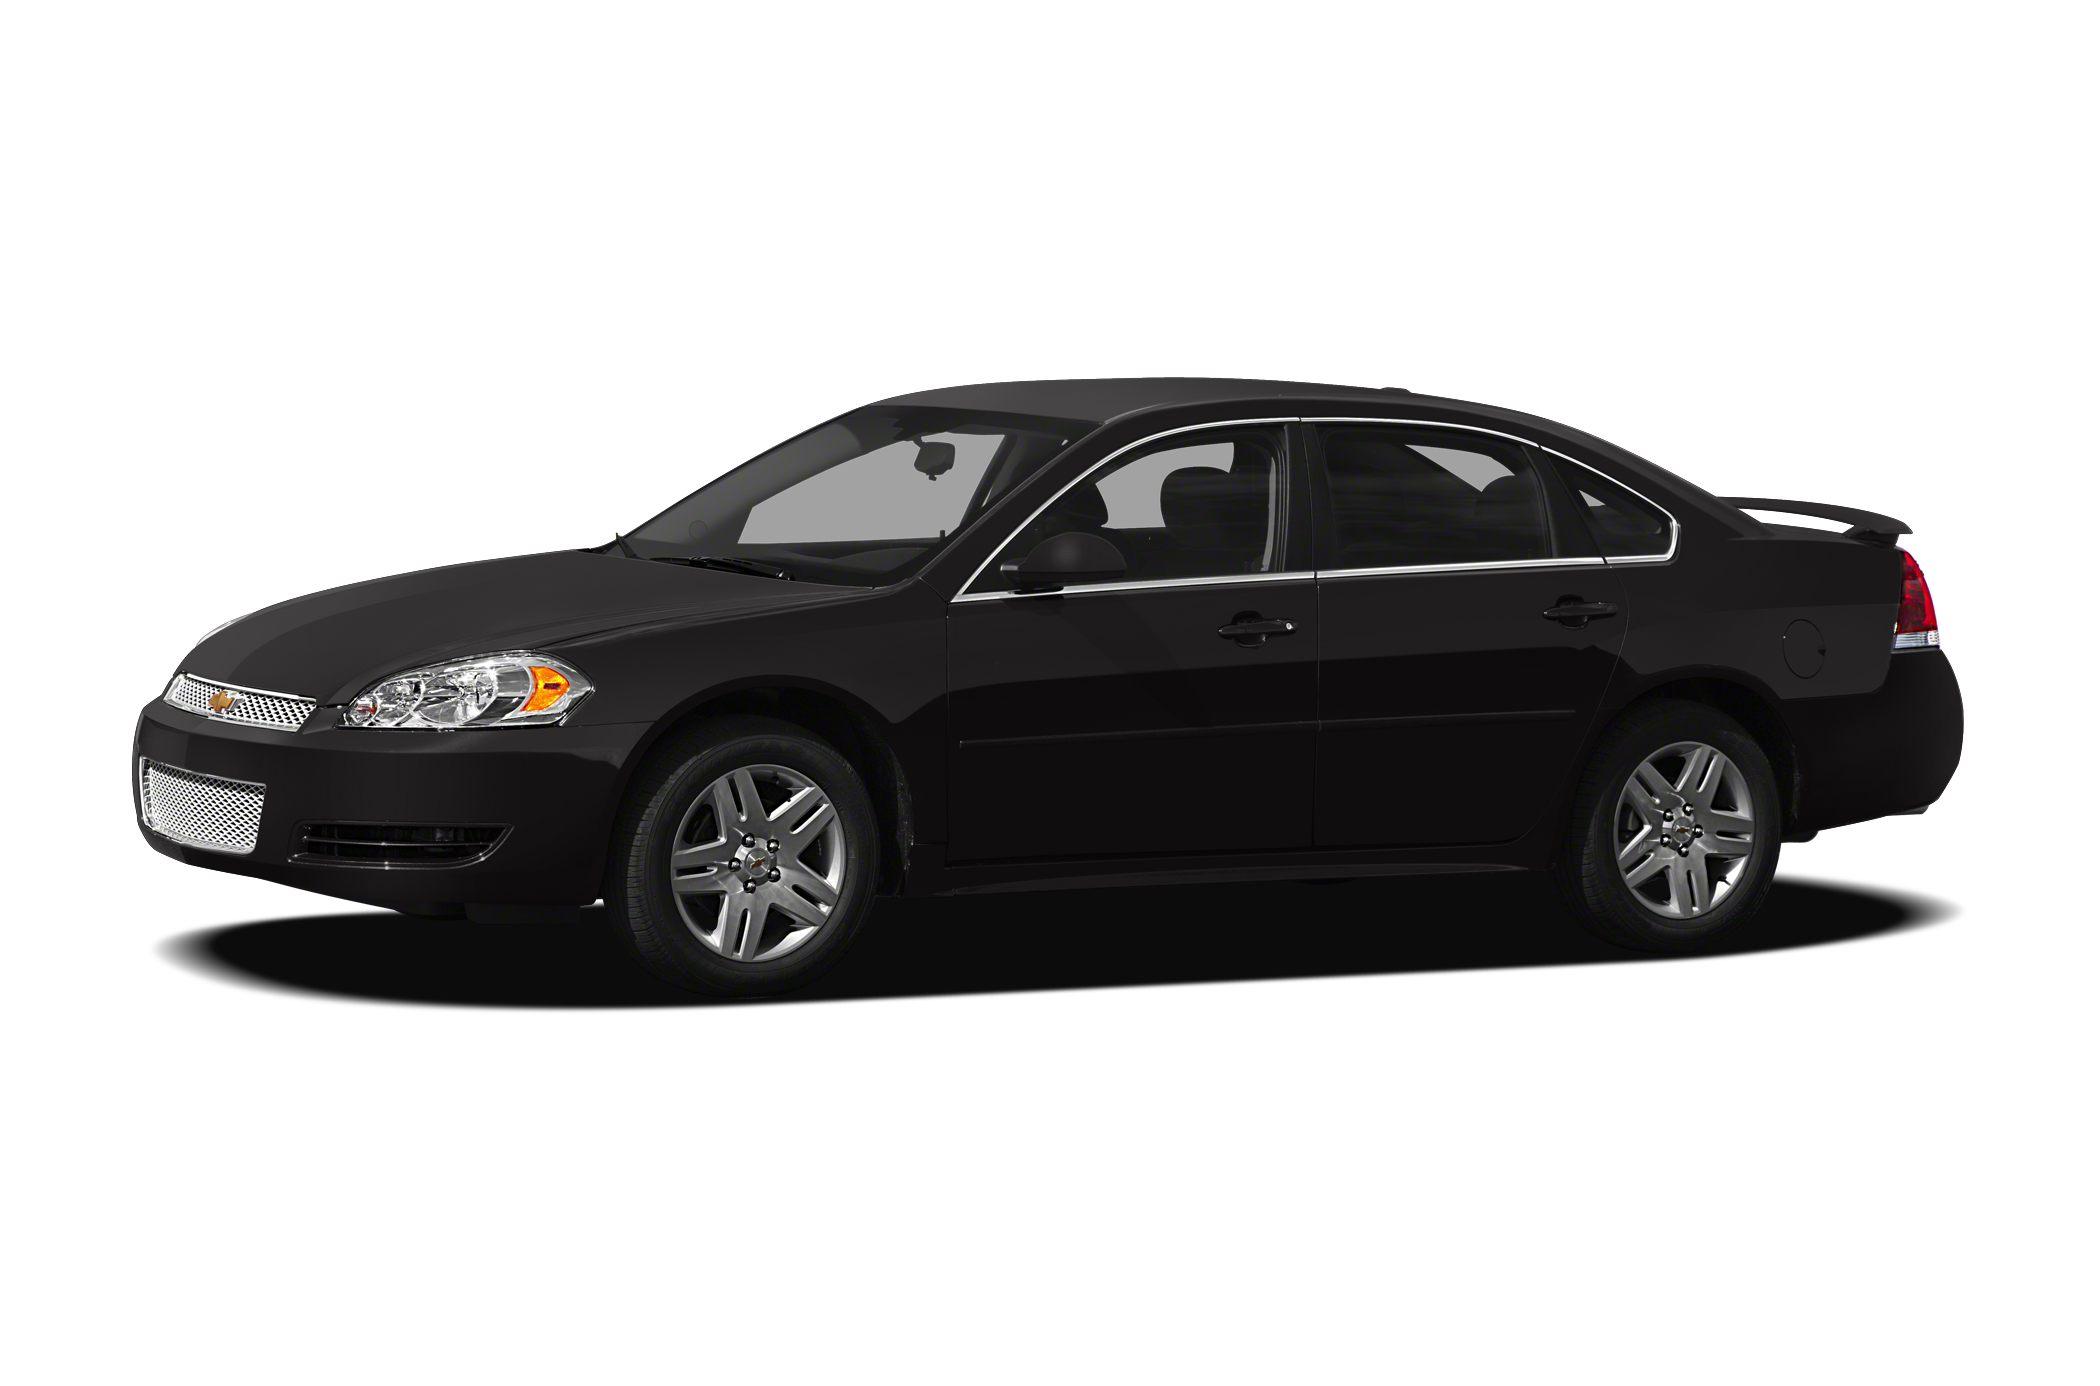 2013 Impala Ltz >> 2013 Chevrolet Impala Ltz 4dr Sedan Pictures